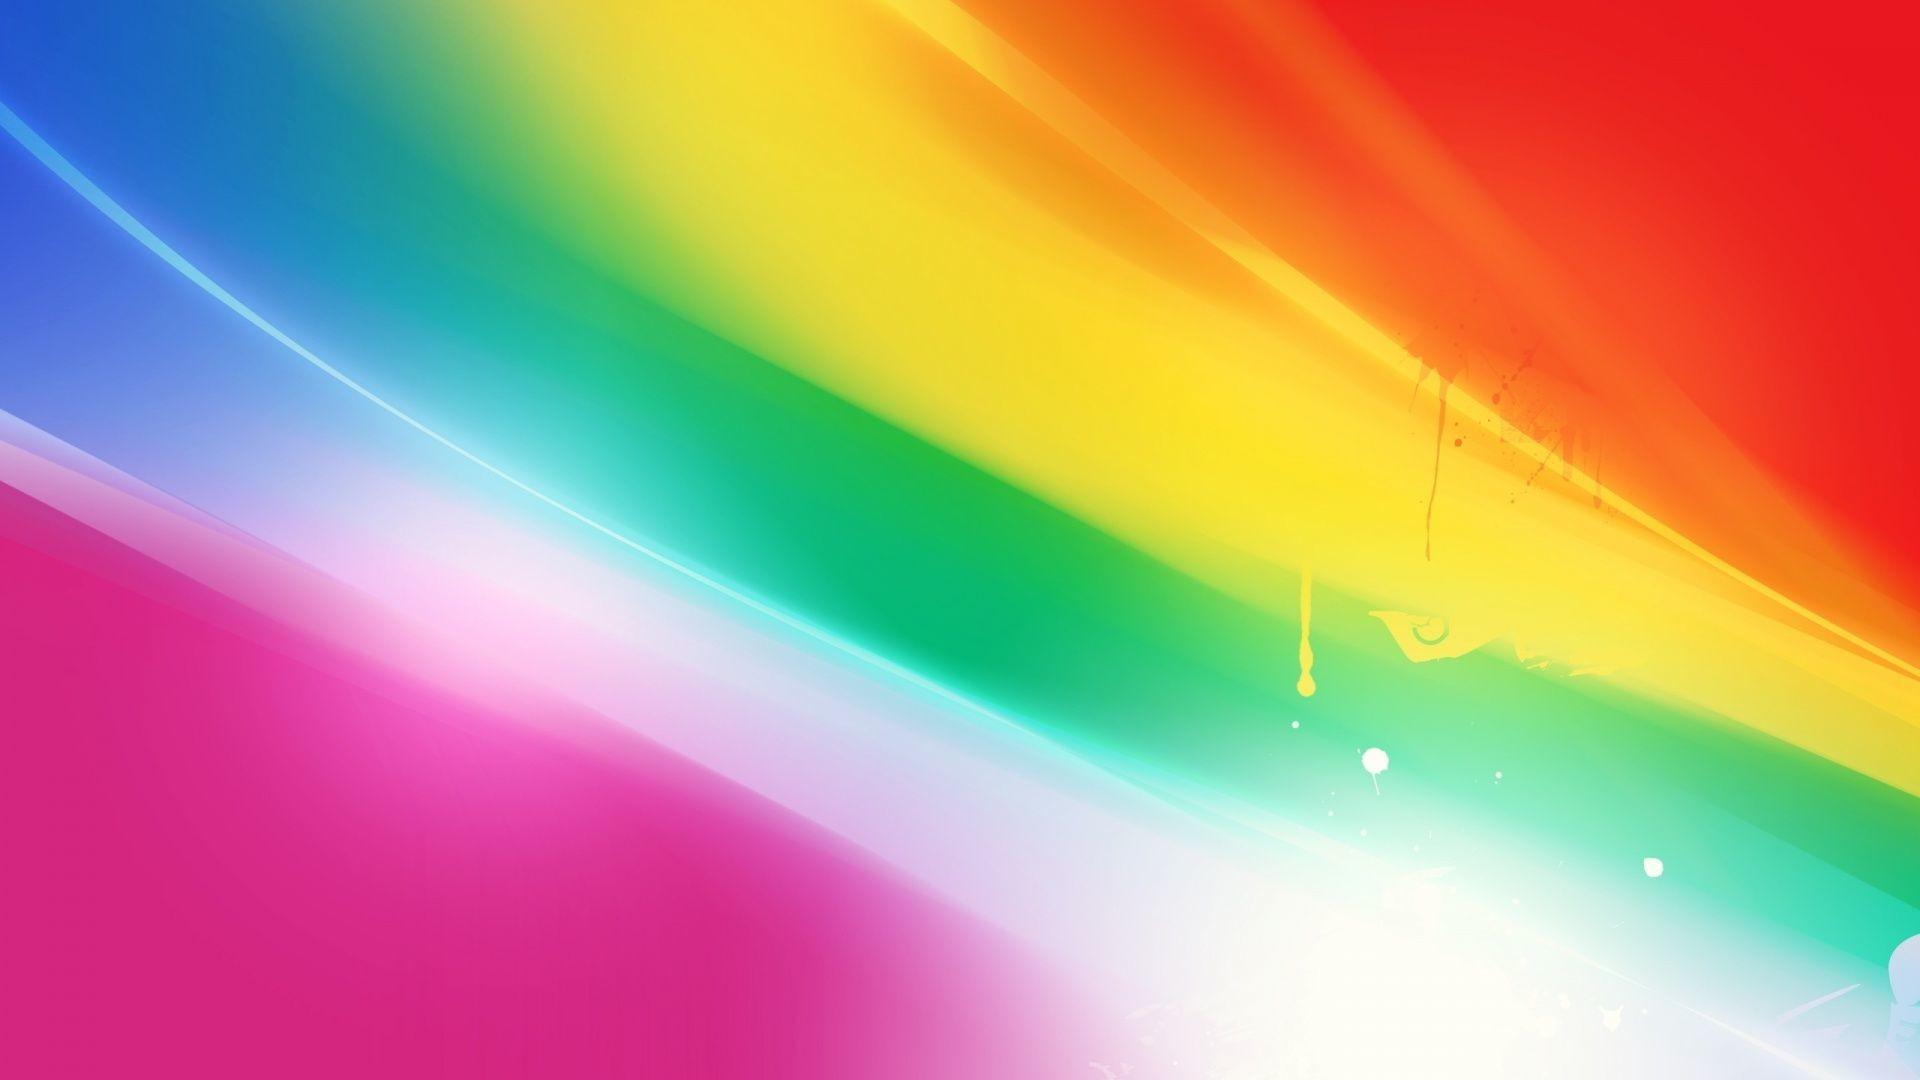 best ideas about Rainbow wallpaper on Pinterest Tumblr